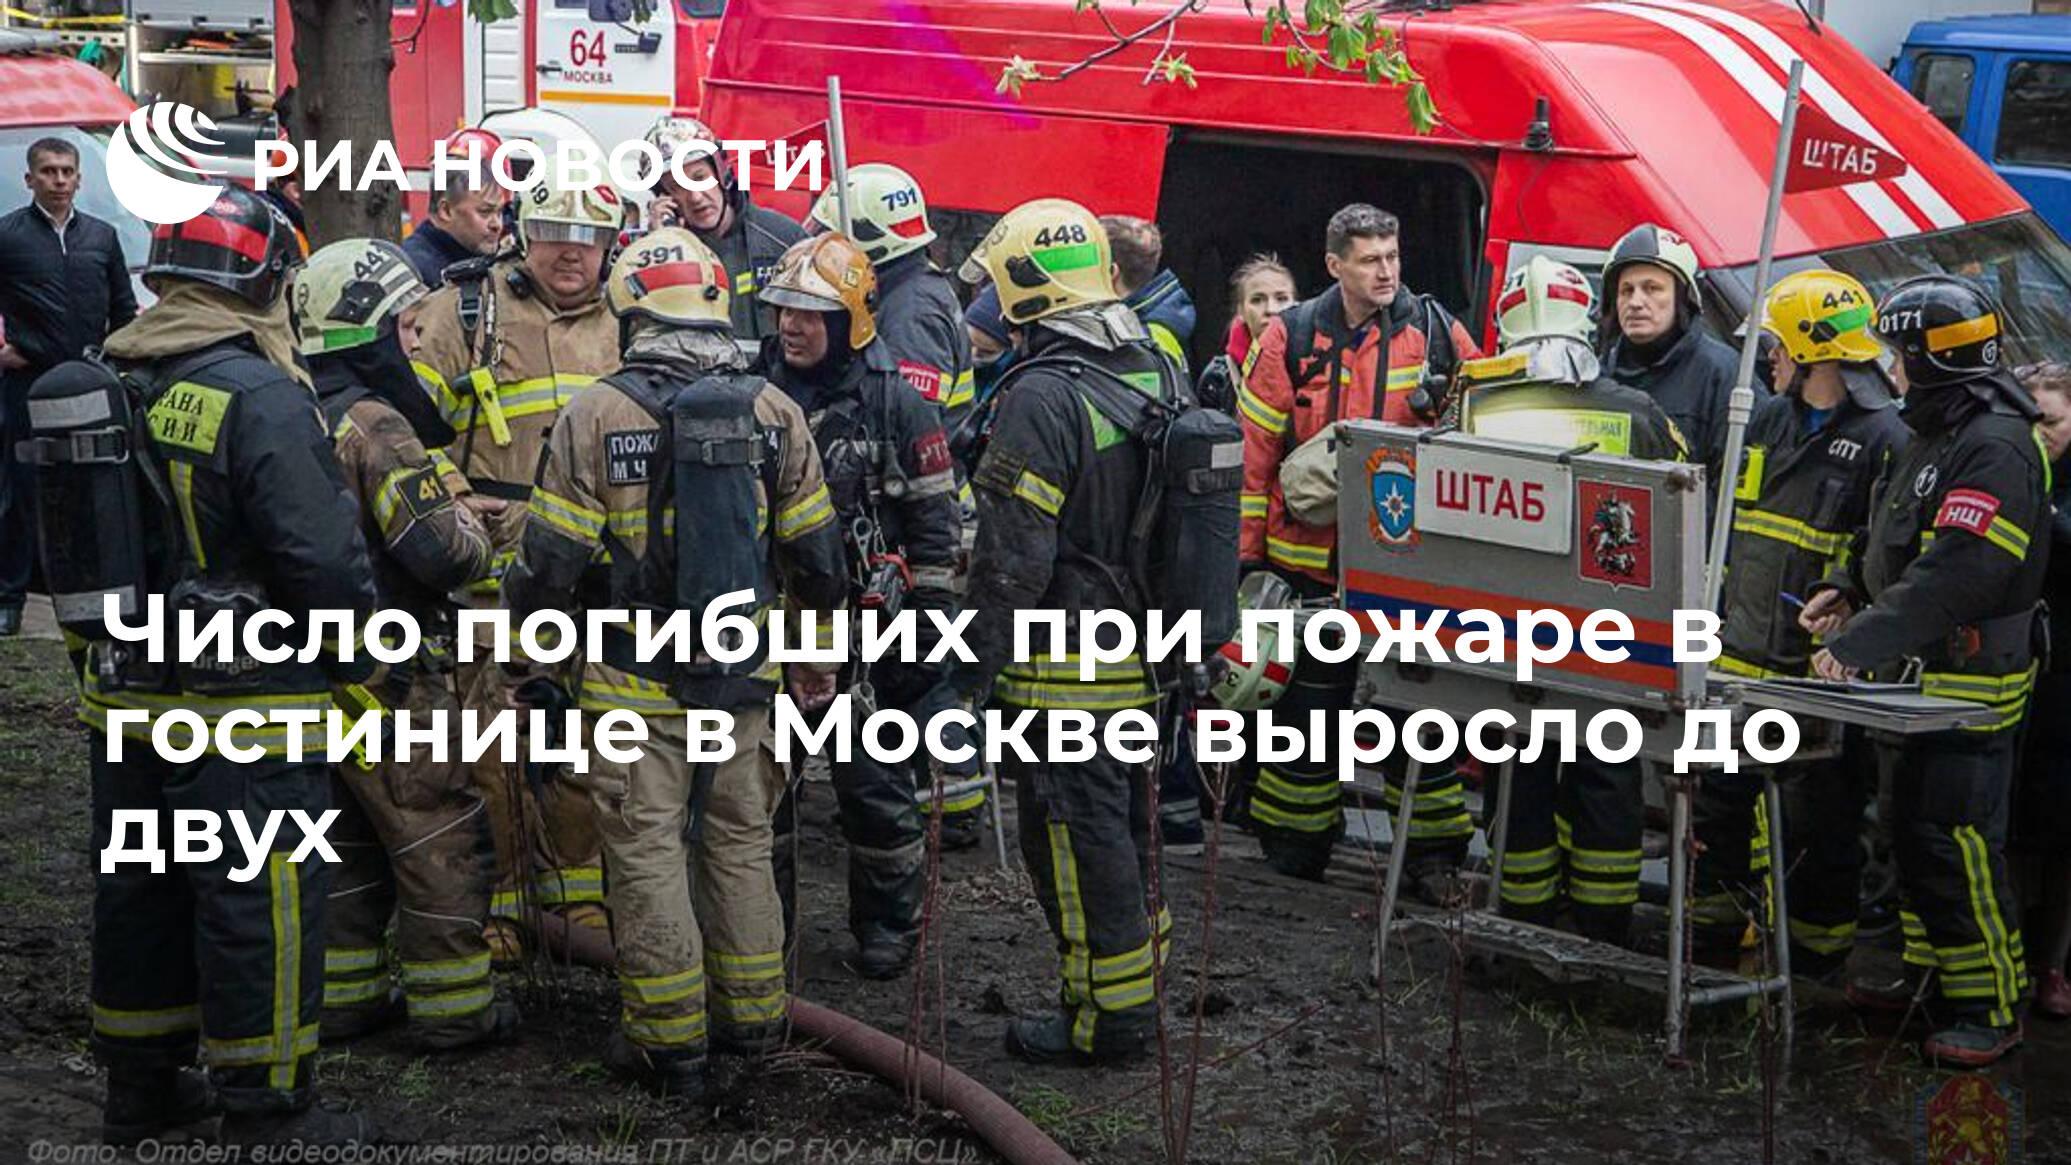 Число погибших при пожаре в гостинице в Москве выросло до двух